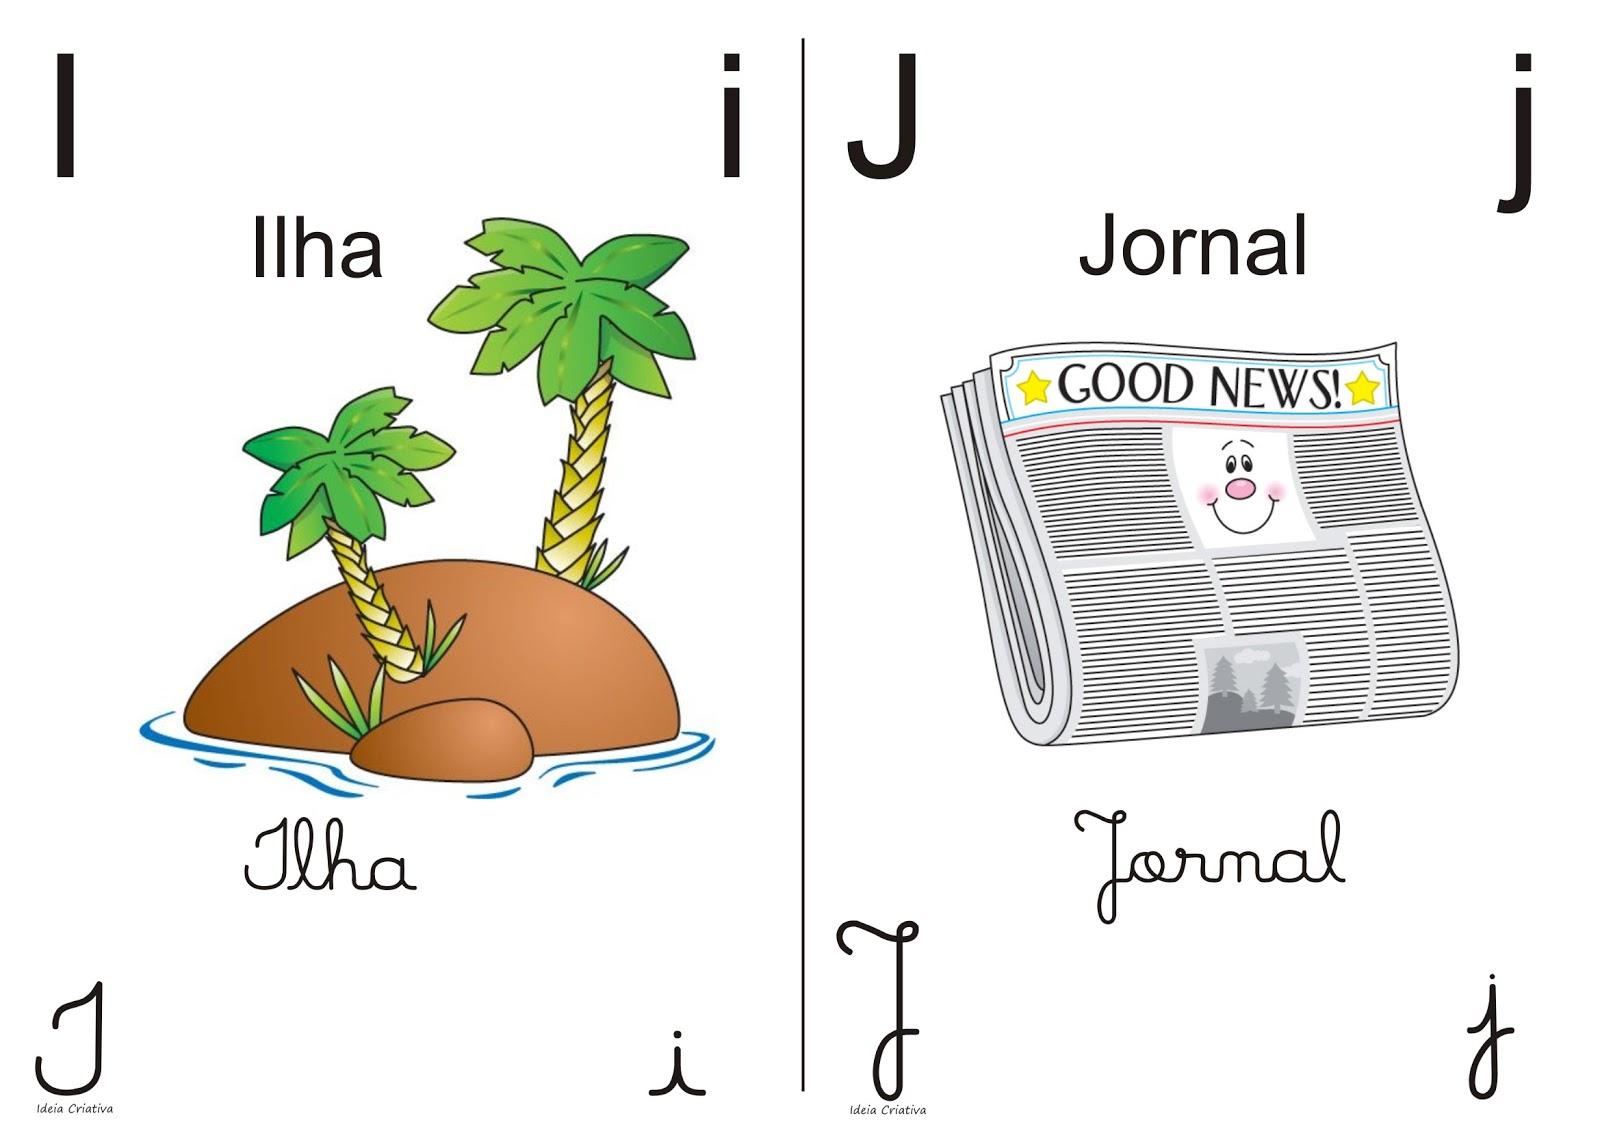 Alfabeto colorido para imprimir 1/2 oficio